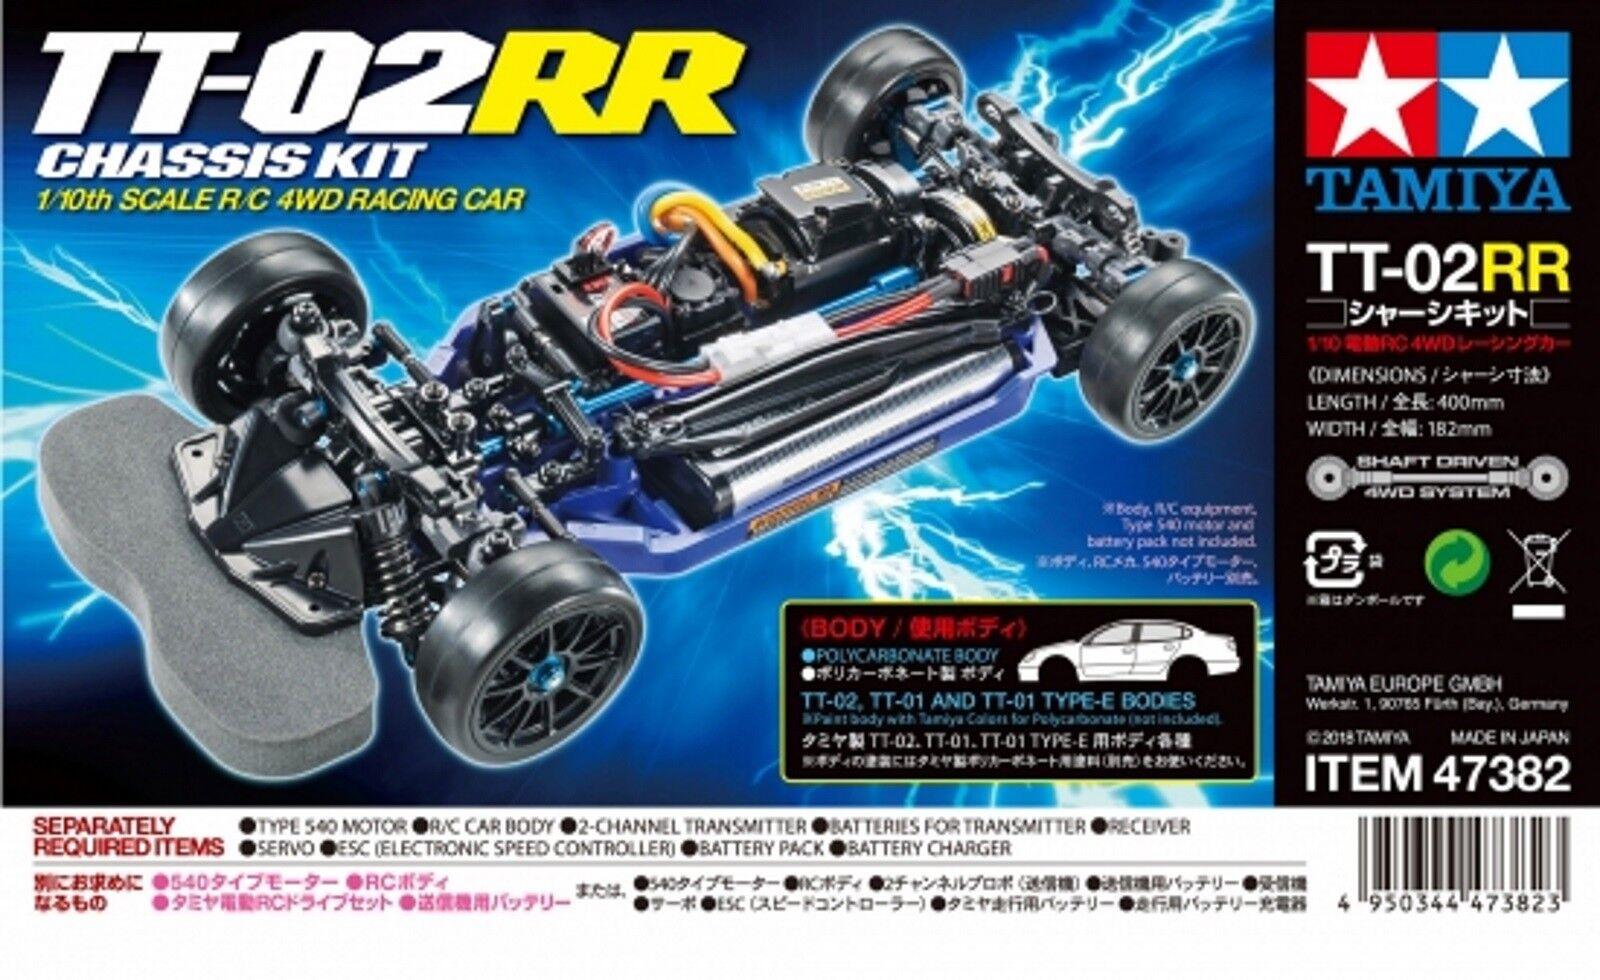 Tamiya 1 10 RC TT-02RR TT-02RR TT-02RR Chassis Kit Tuning- Bausatz, neue Version 47382 d0e179